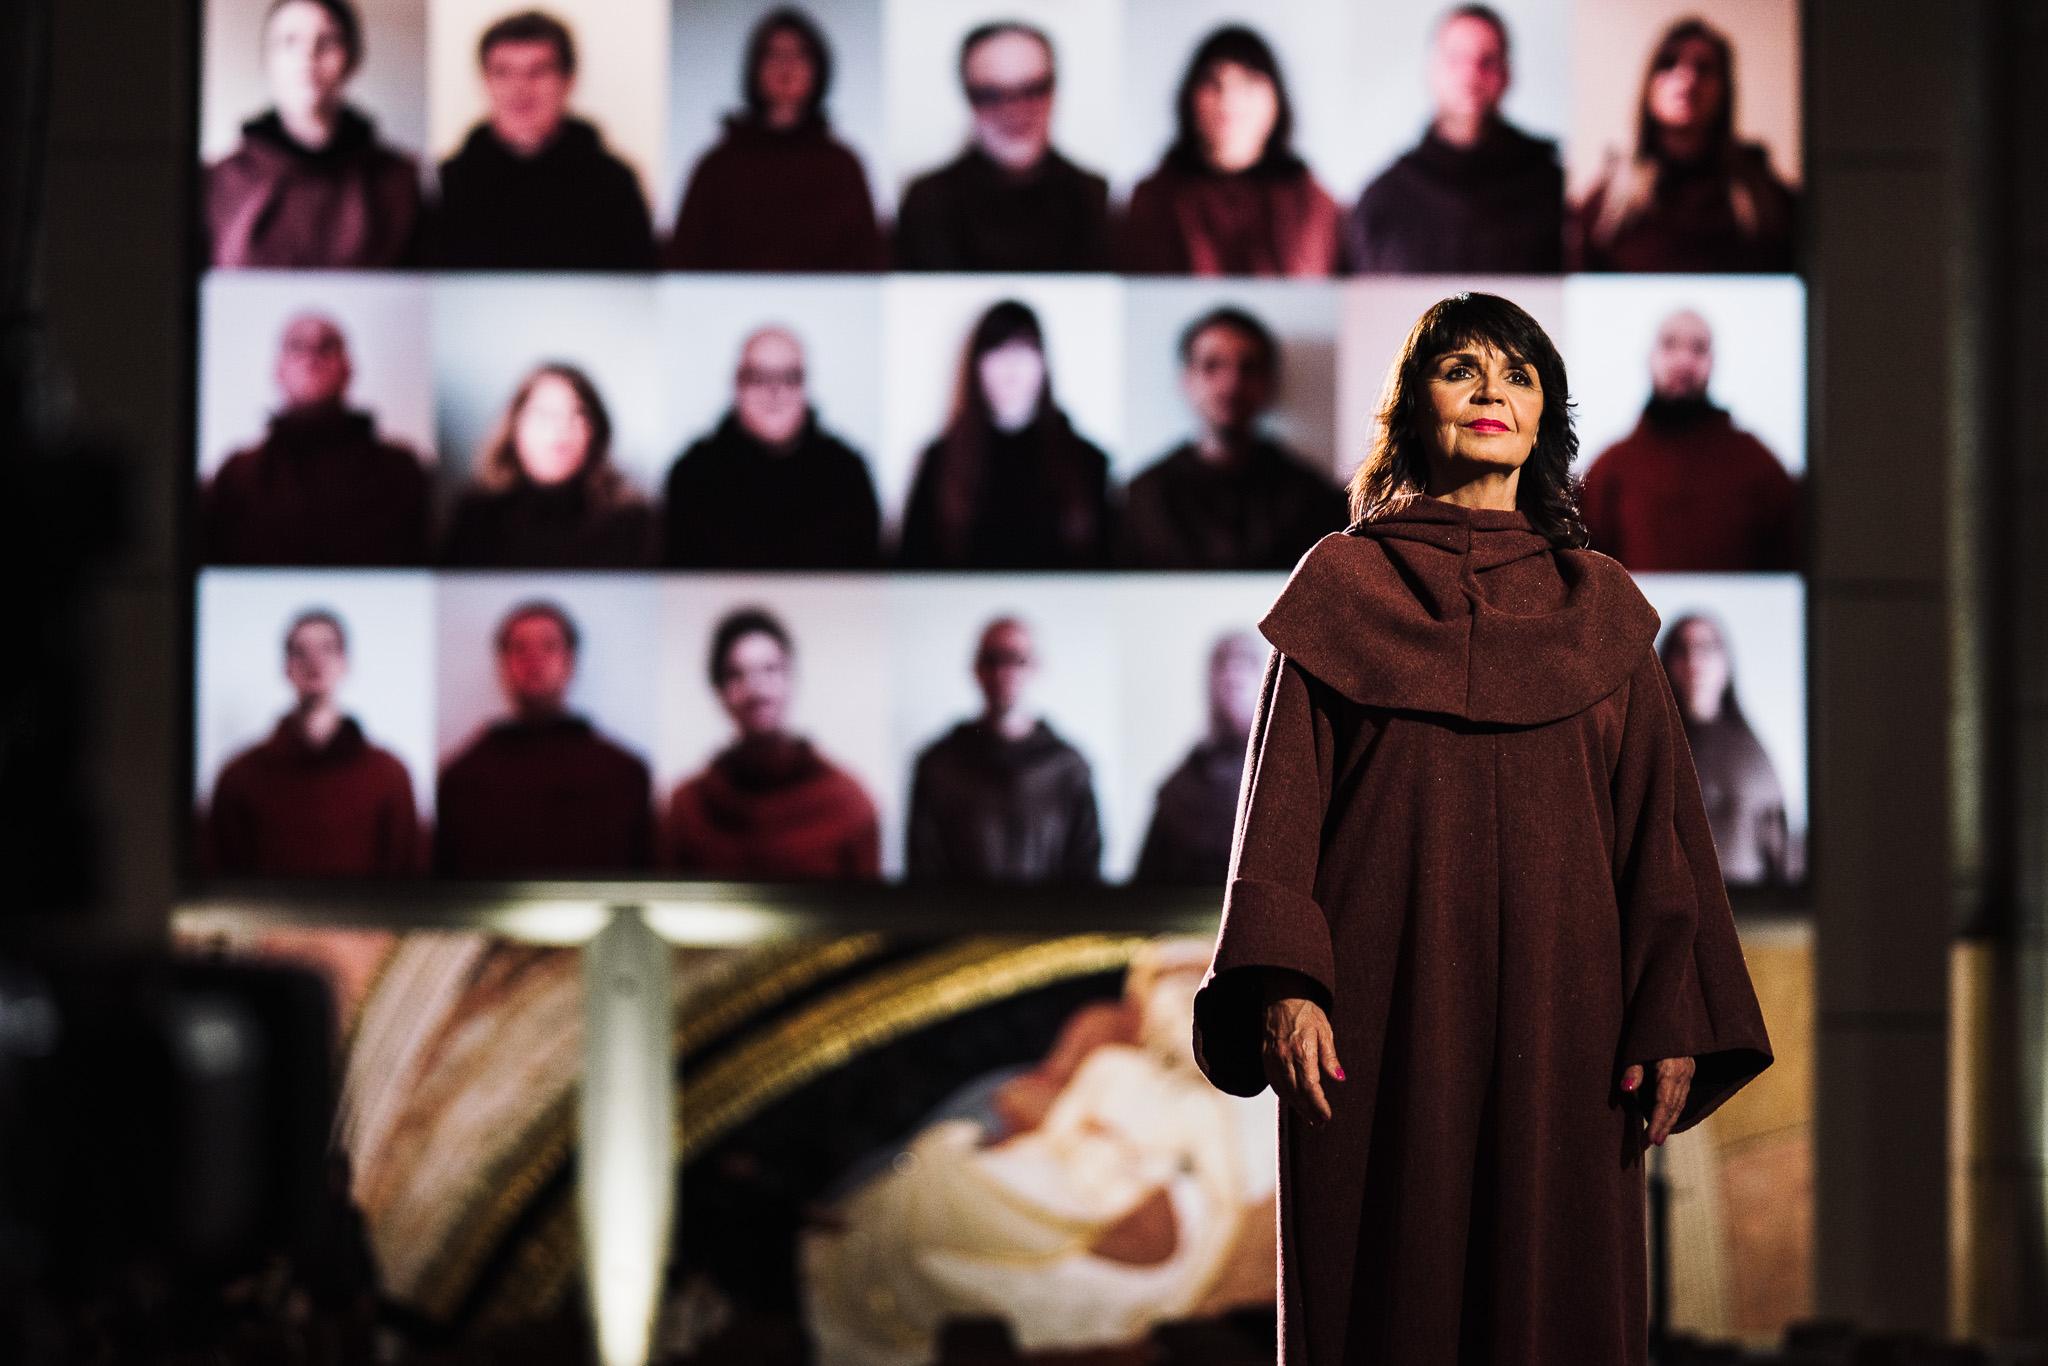 kobieta na scenie, w tle telebim z innymi wykonawcami